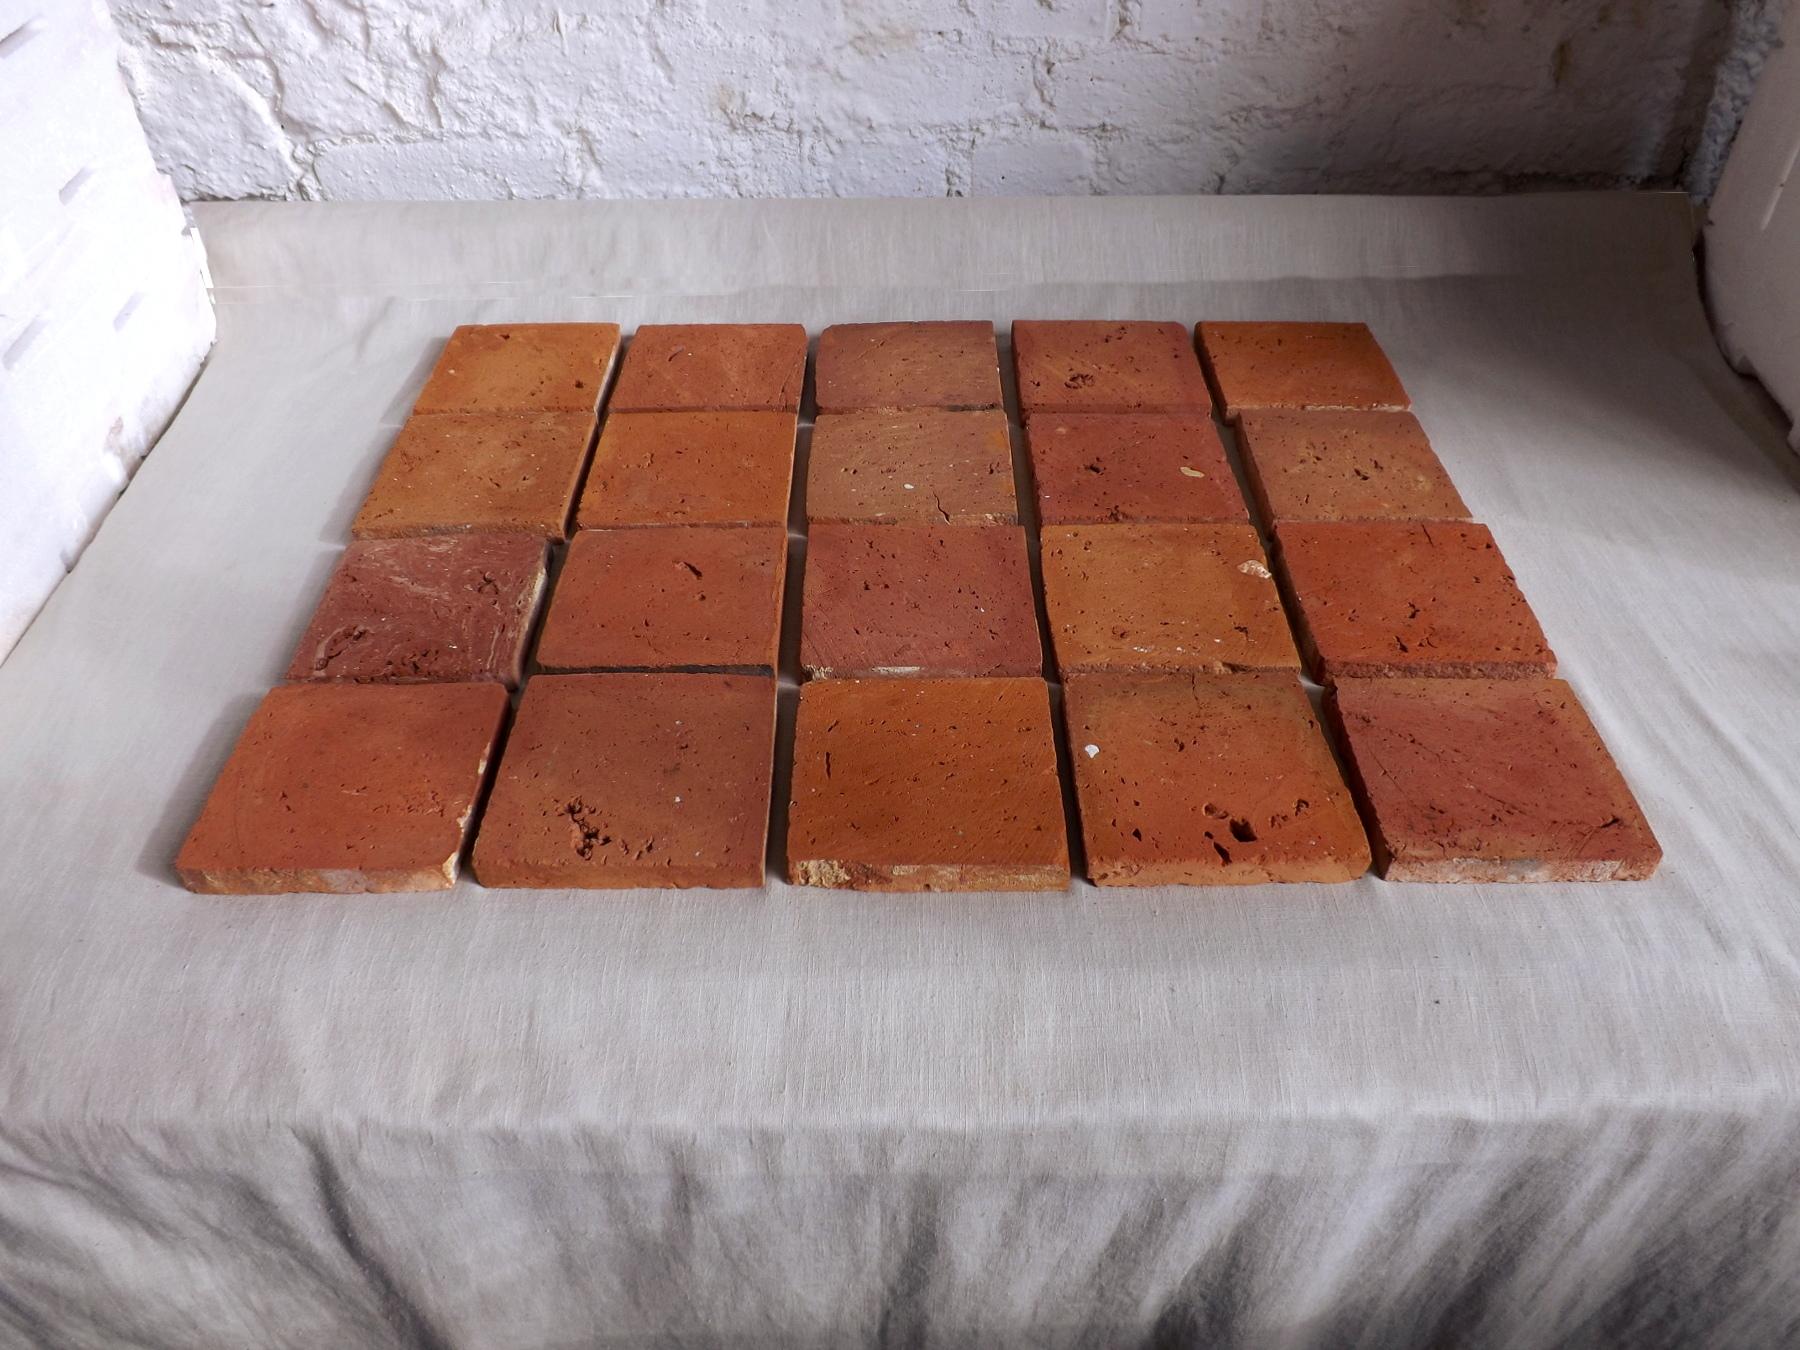 Full Size of Glatte Bodenziegel Bodenplatten Bodenfliesen Weinkeller Landhausküche Esstisch Landhaus Bad Landhausstil Regal Schlafzimmer Bett Küche Moderne Gebraucht Sofa Wohnzimmer Bodenfliesen Landhaus